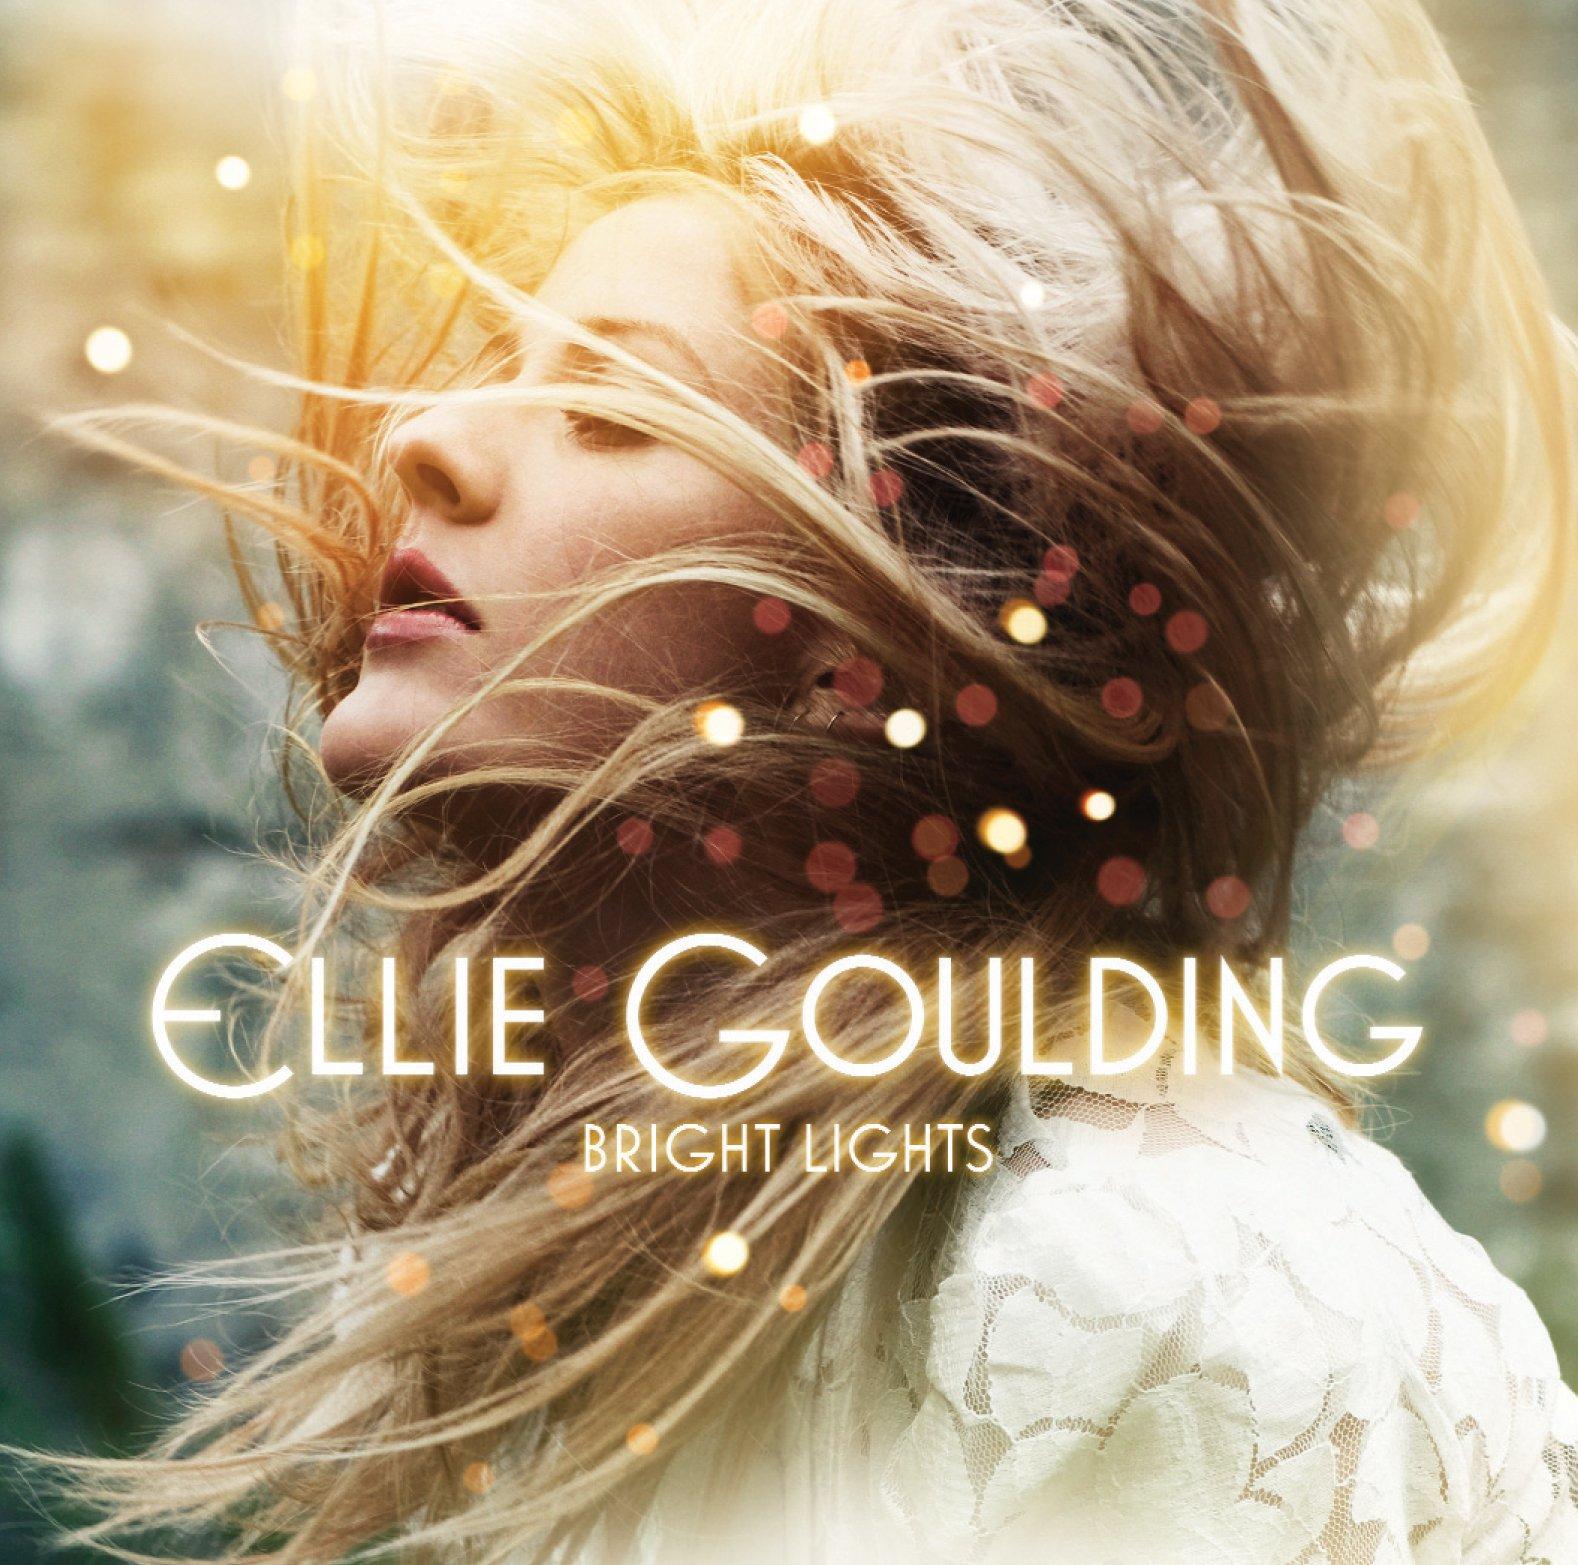 Ellie+Goulding+-+Bright+Lights+%2528Offi